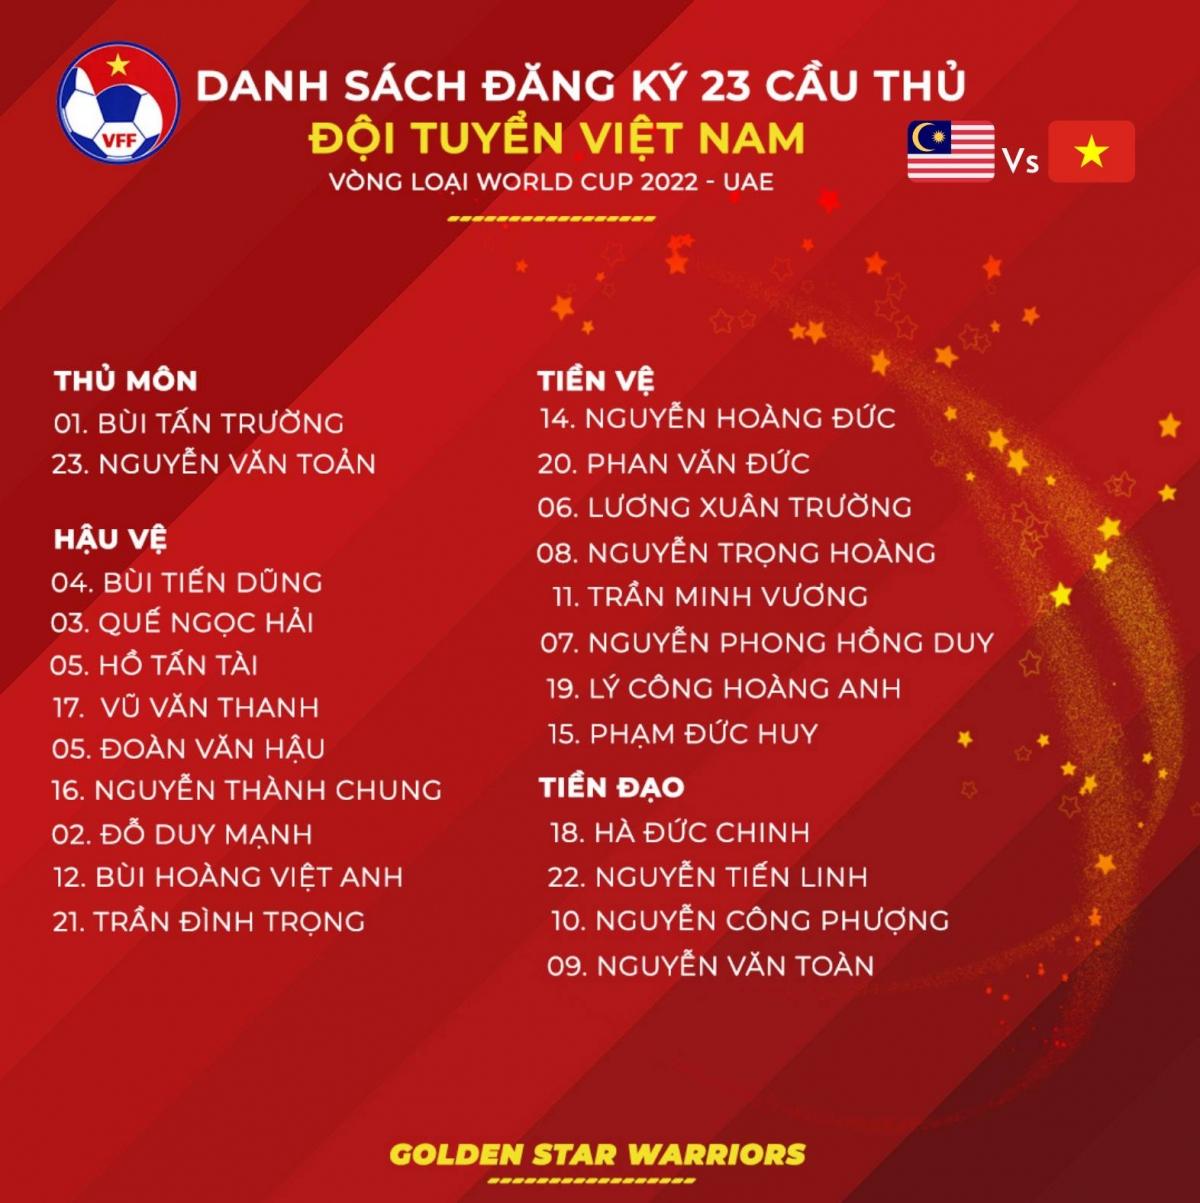 Danh sách 23 cầu thủ ĐT Việt Nam tham dự trận gặp Malaysia tại vòng loại World Cup 2022 tối nay. (Ảnh: VFF)